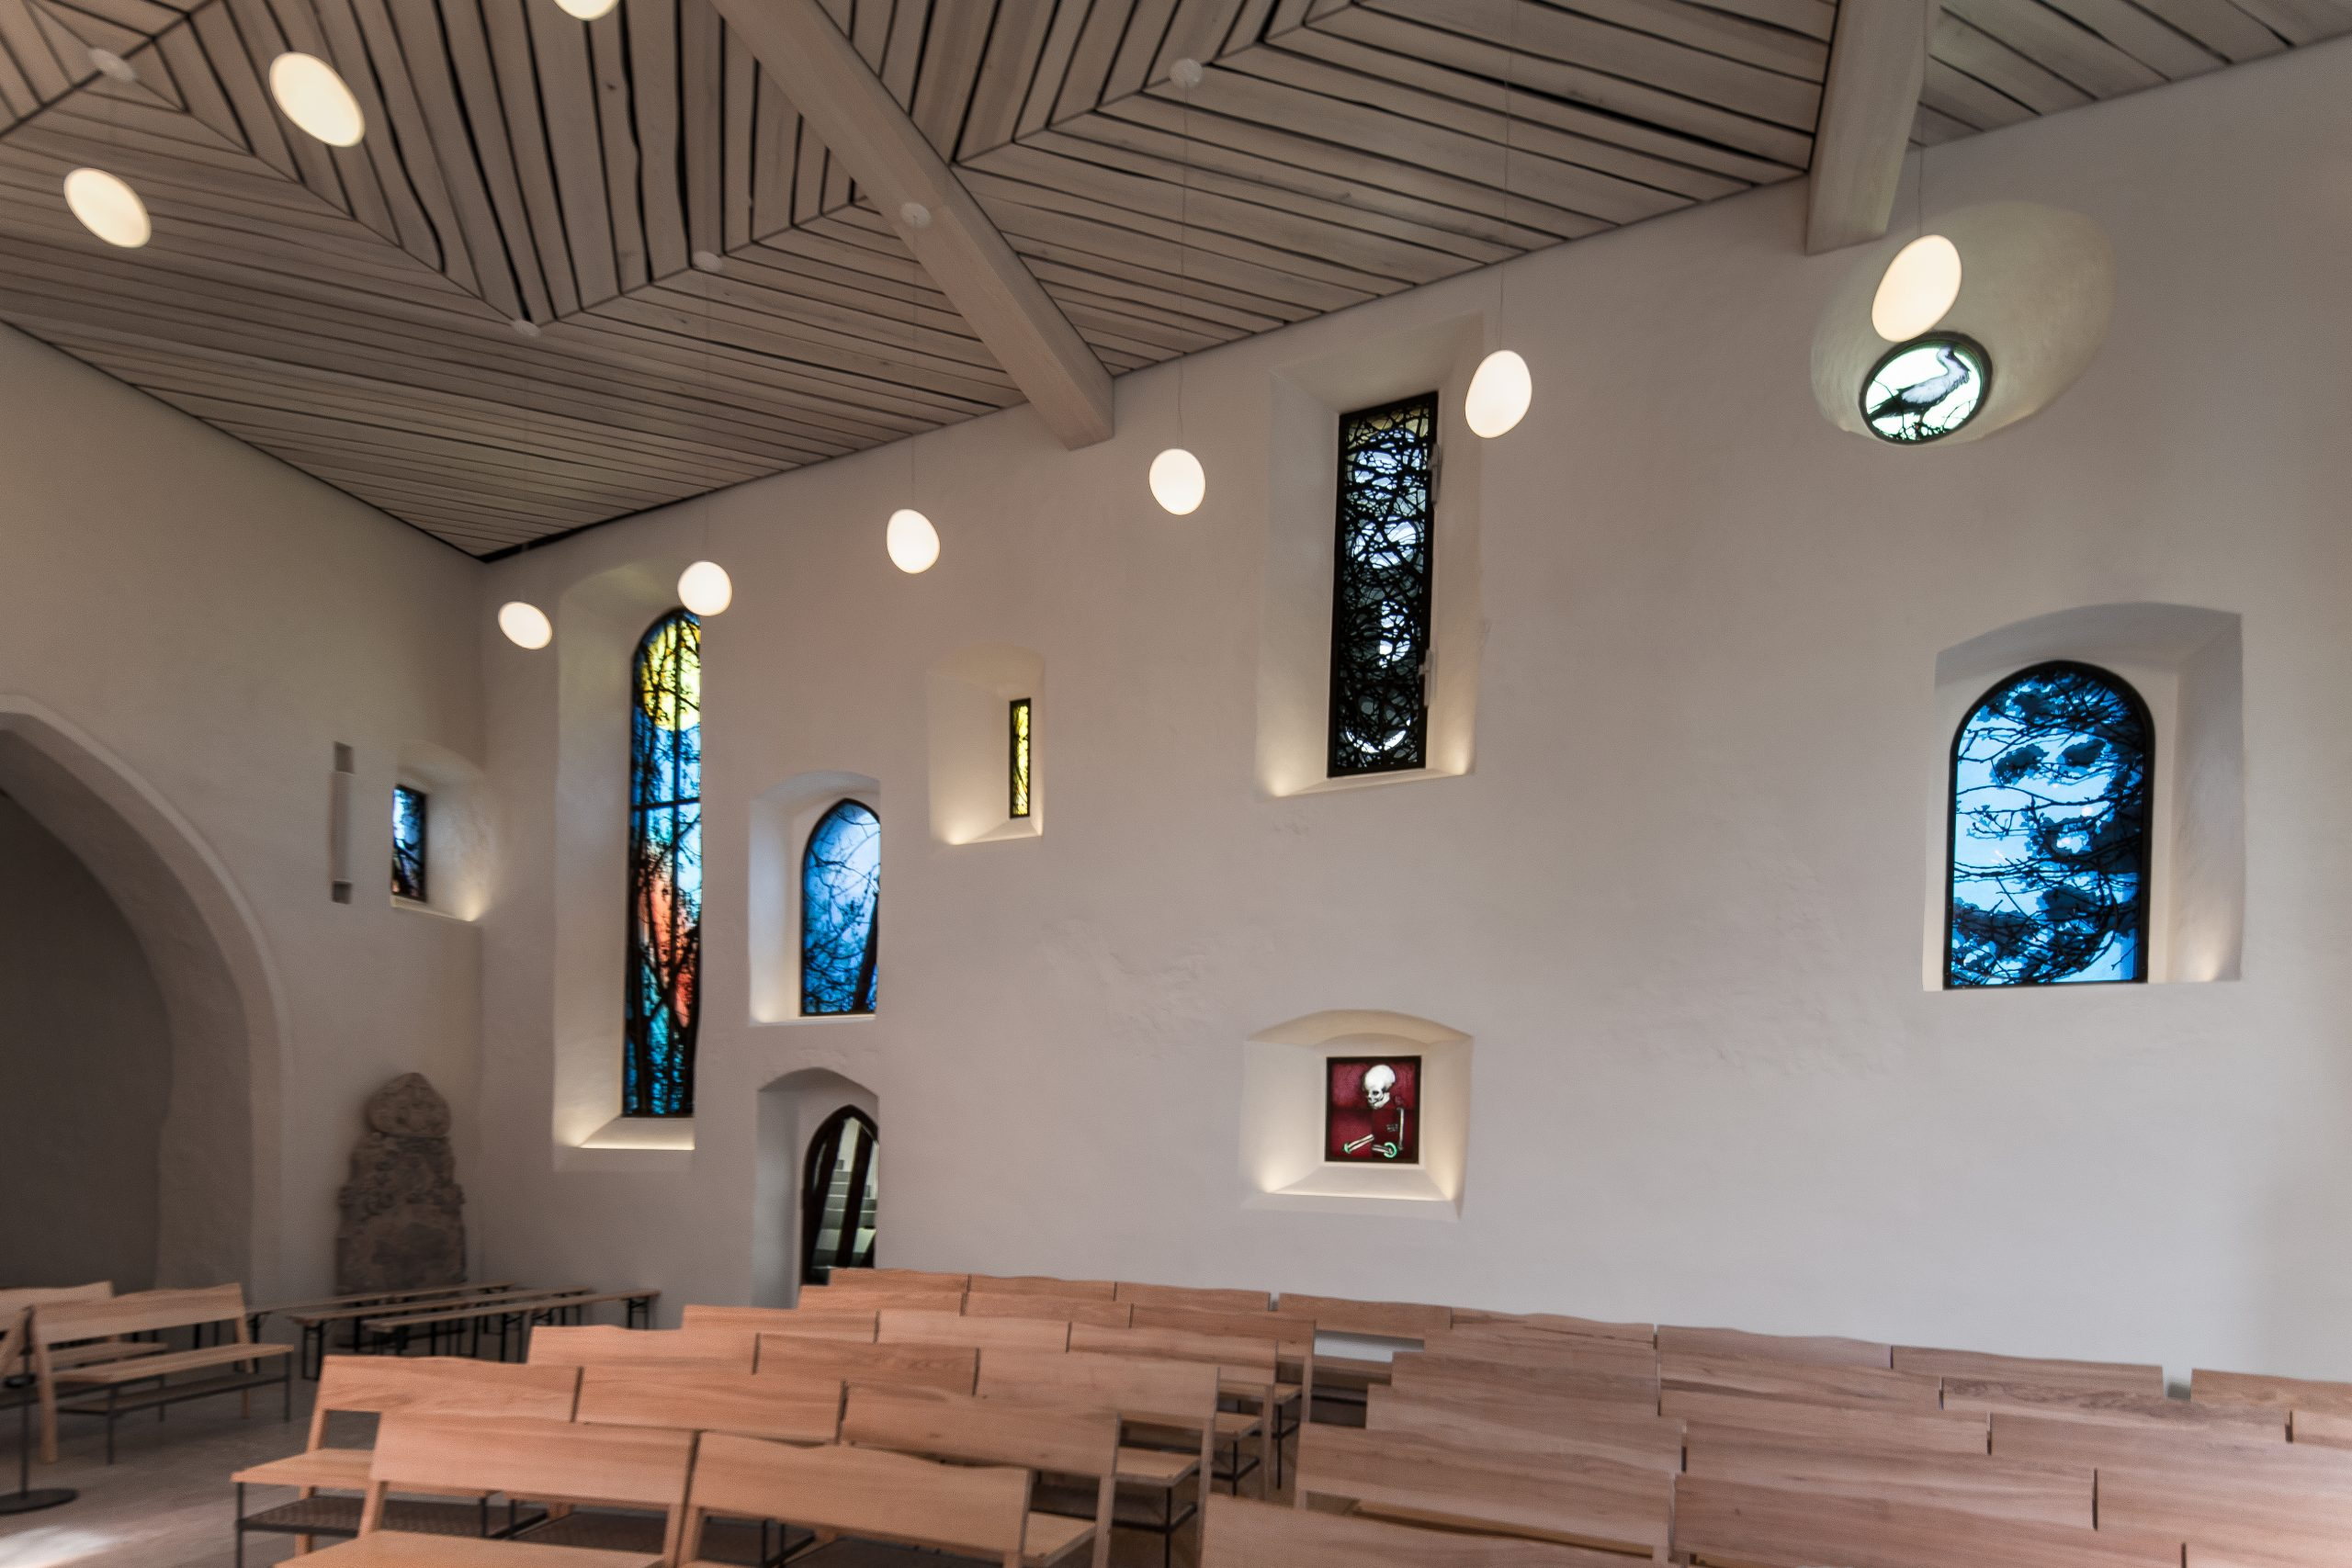 Übersicht über die Fenster der Kirchenburg Walldorf, Künstler Julian Plodek